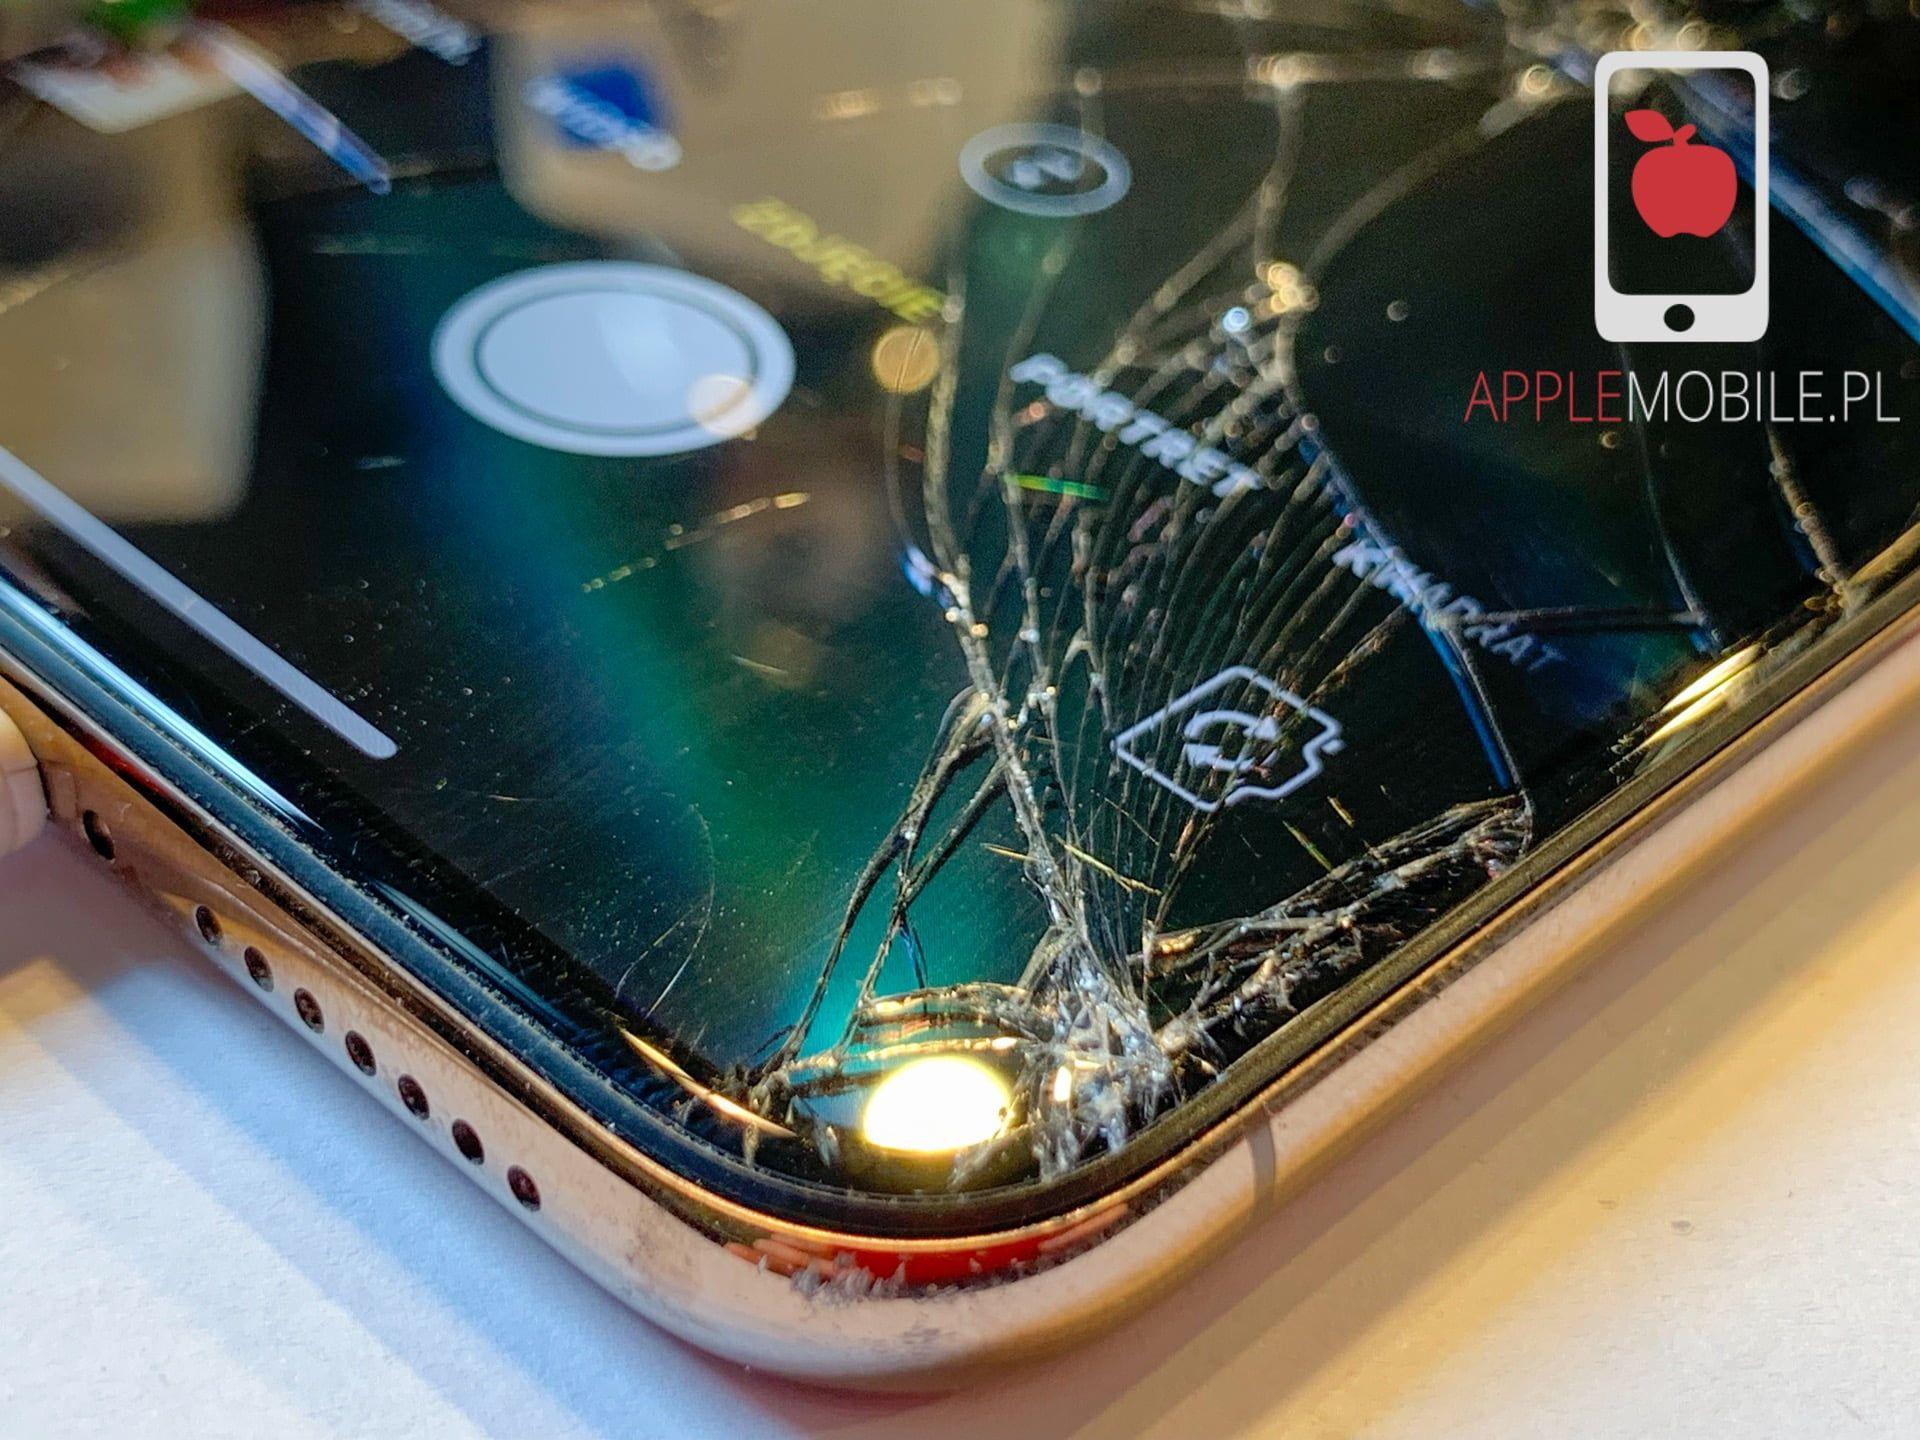 Oferujemy pomoc w usunięciu usterek w uszkodzonych telefonach, tabletach, zegarkach i komputerach Apple